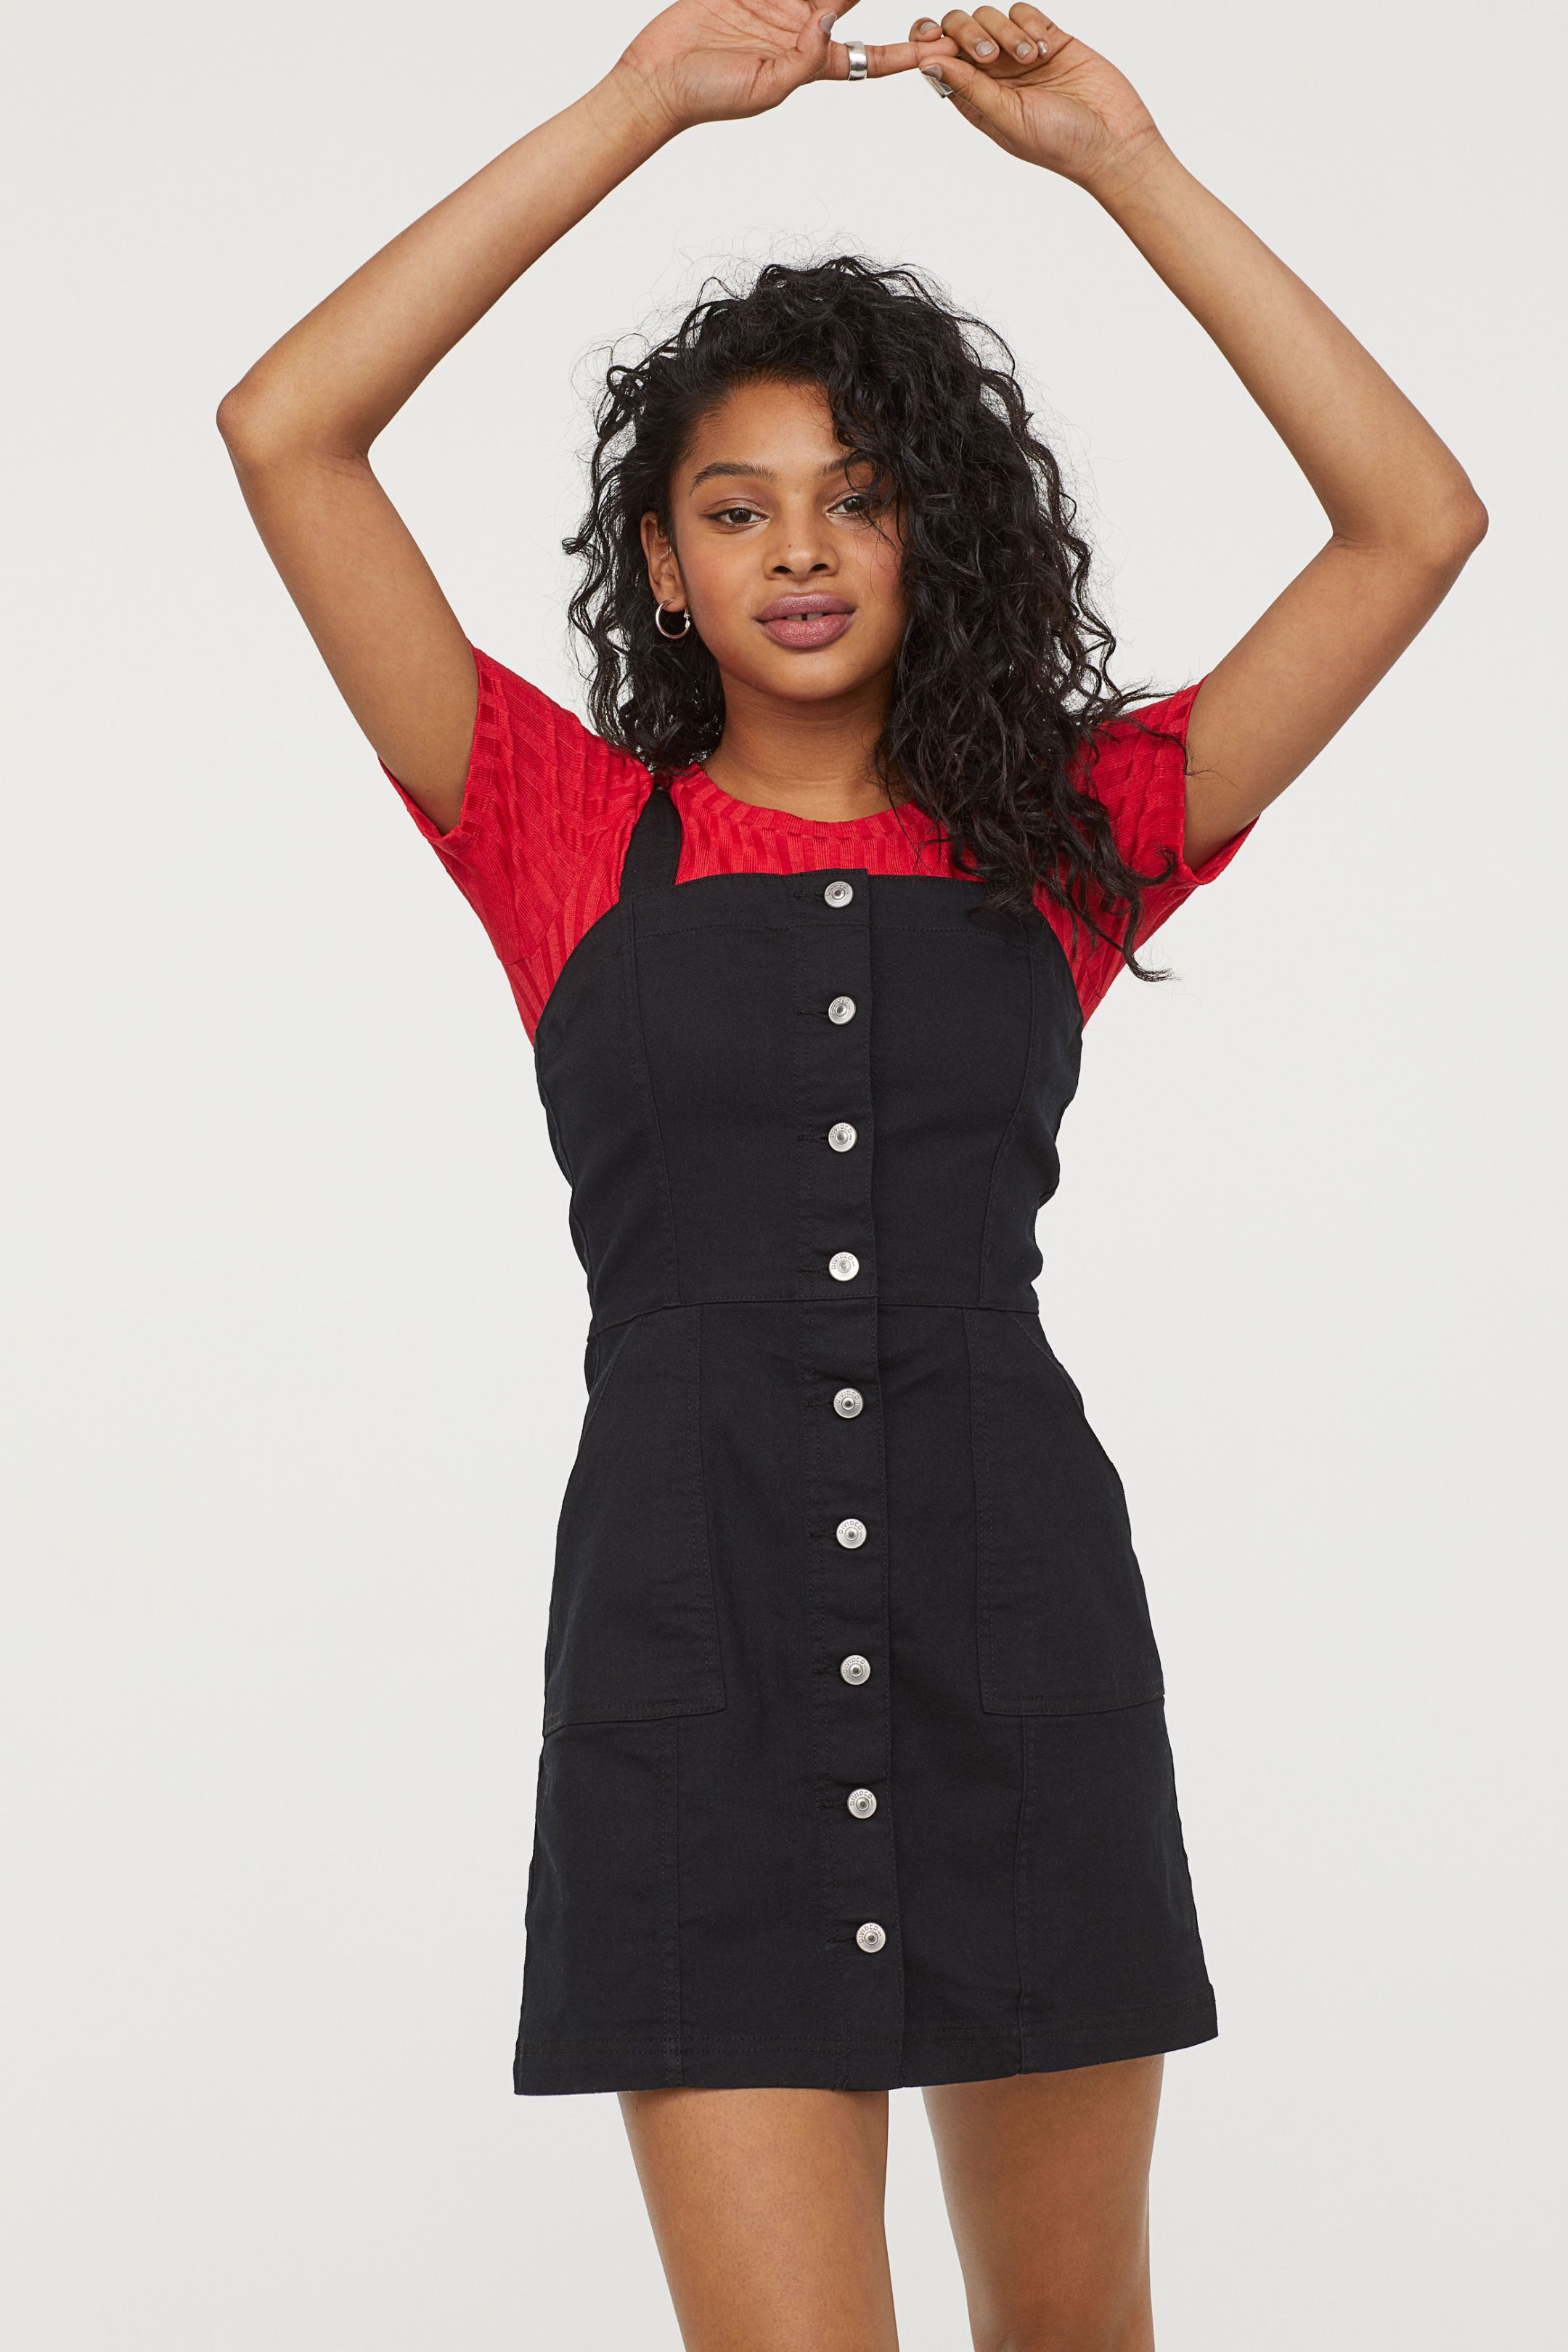 Sukienka na szelkach Czarny ONA | H&M PL